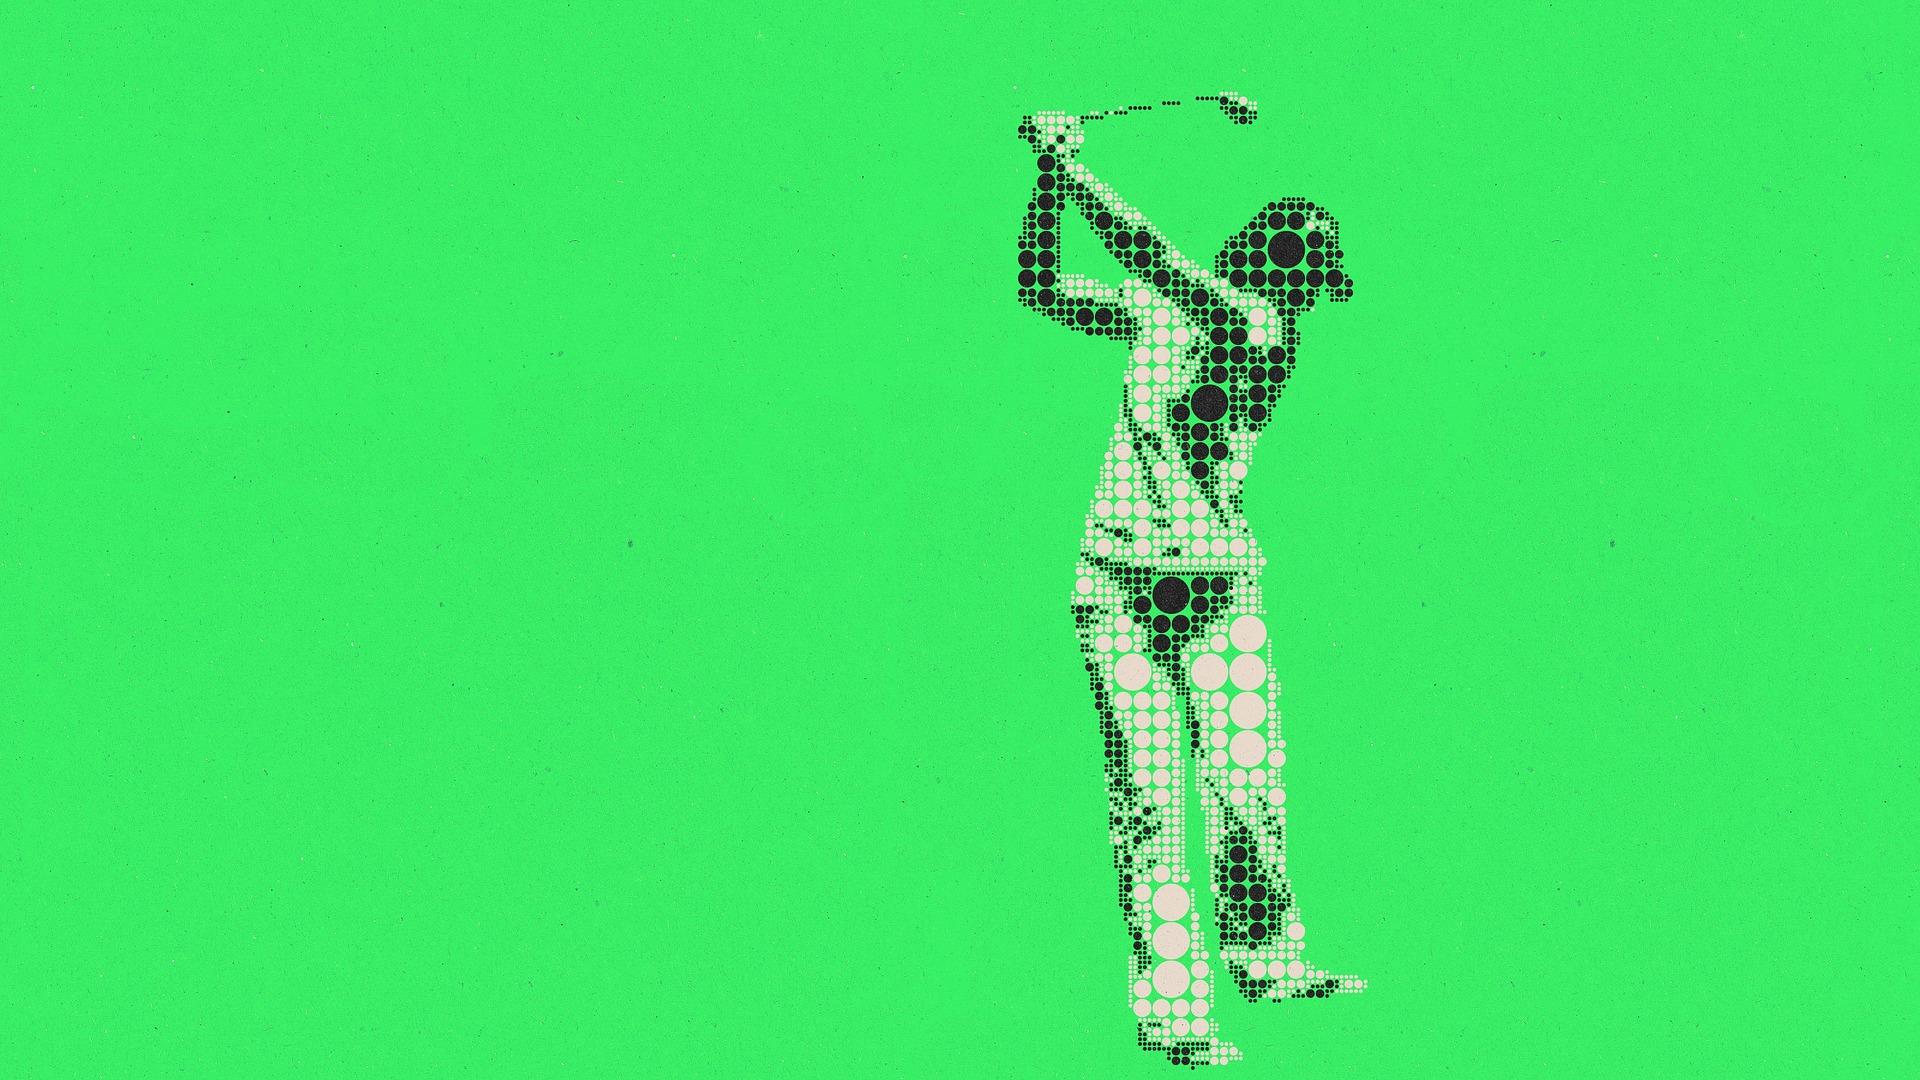 KPMG全米女子プロゴルフ選手権の賞金配分一覧 猛追の畑岡は3位でフィニッシュ